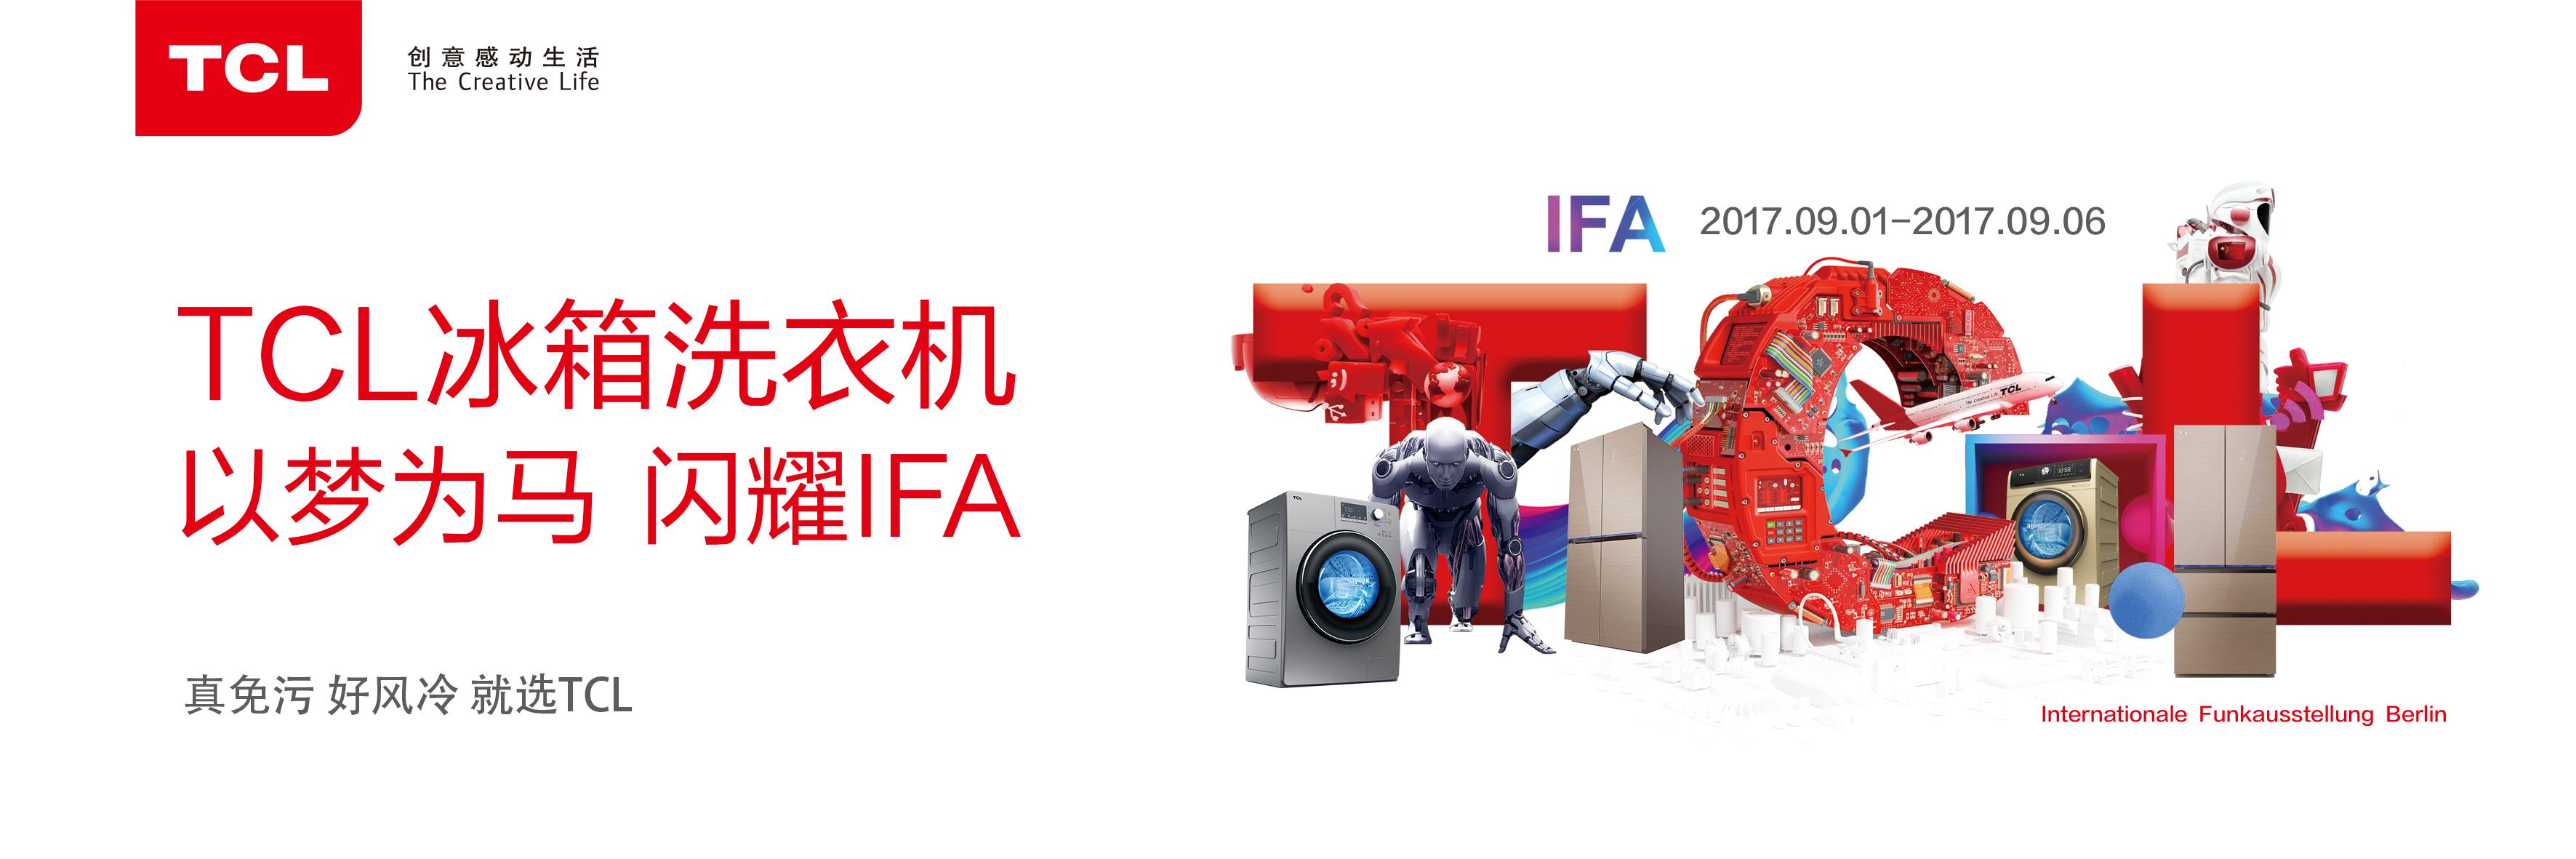 TCL冰箱洗衣机出征IFA,大国品牌的进军之路